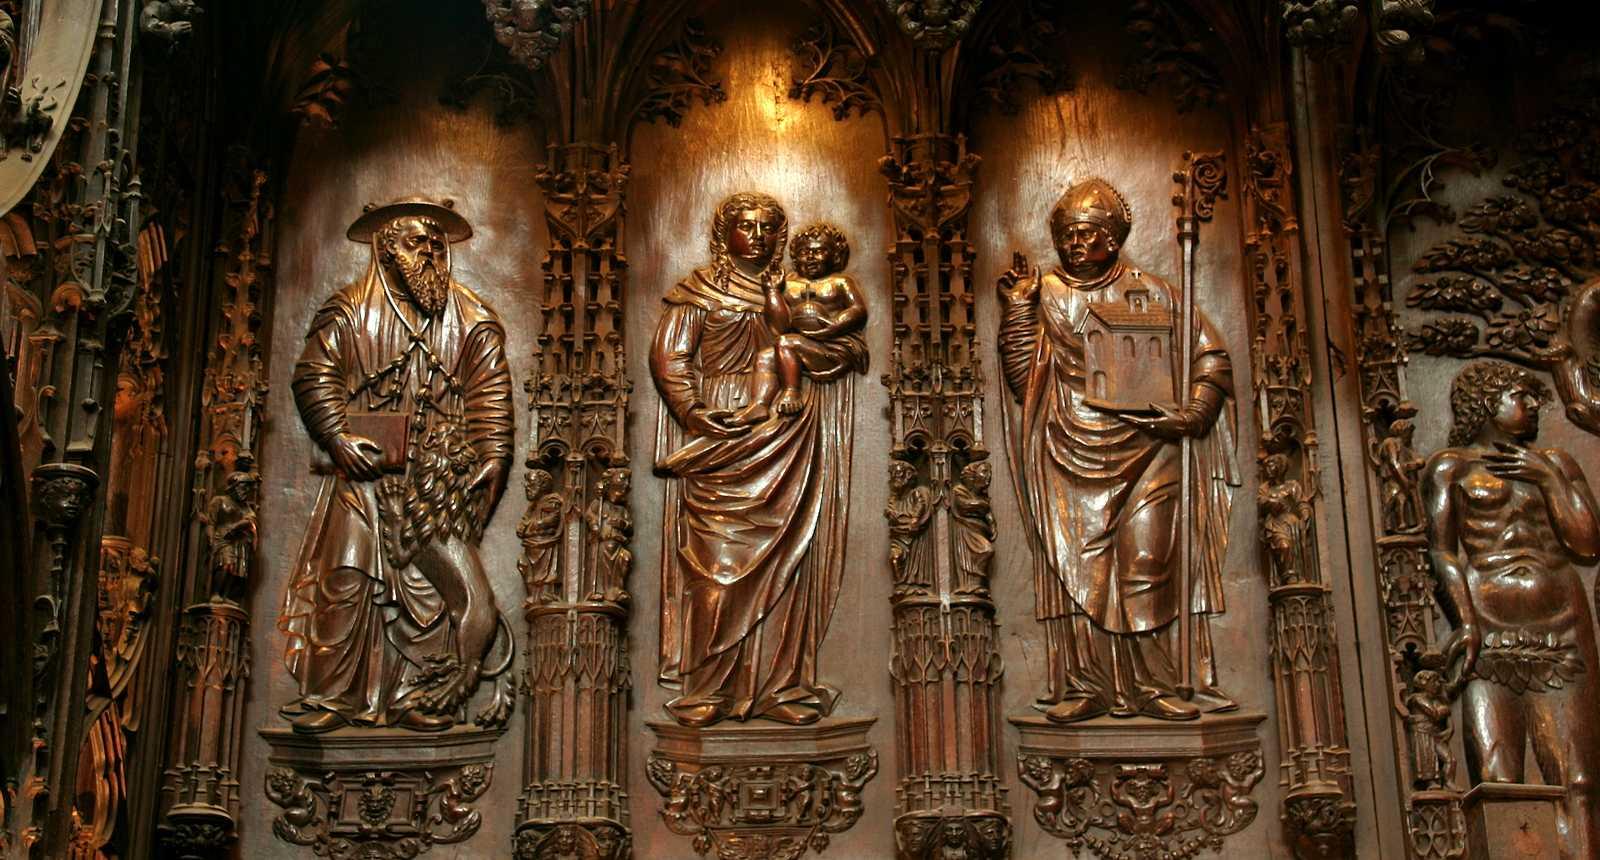 Les stalles en bois de la Cathédrale Sainte-Marie d'Auch